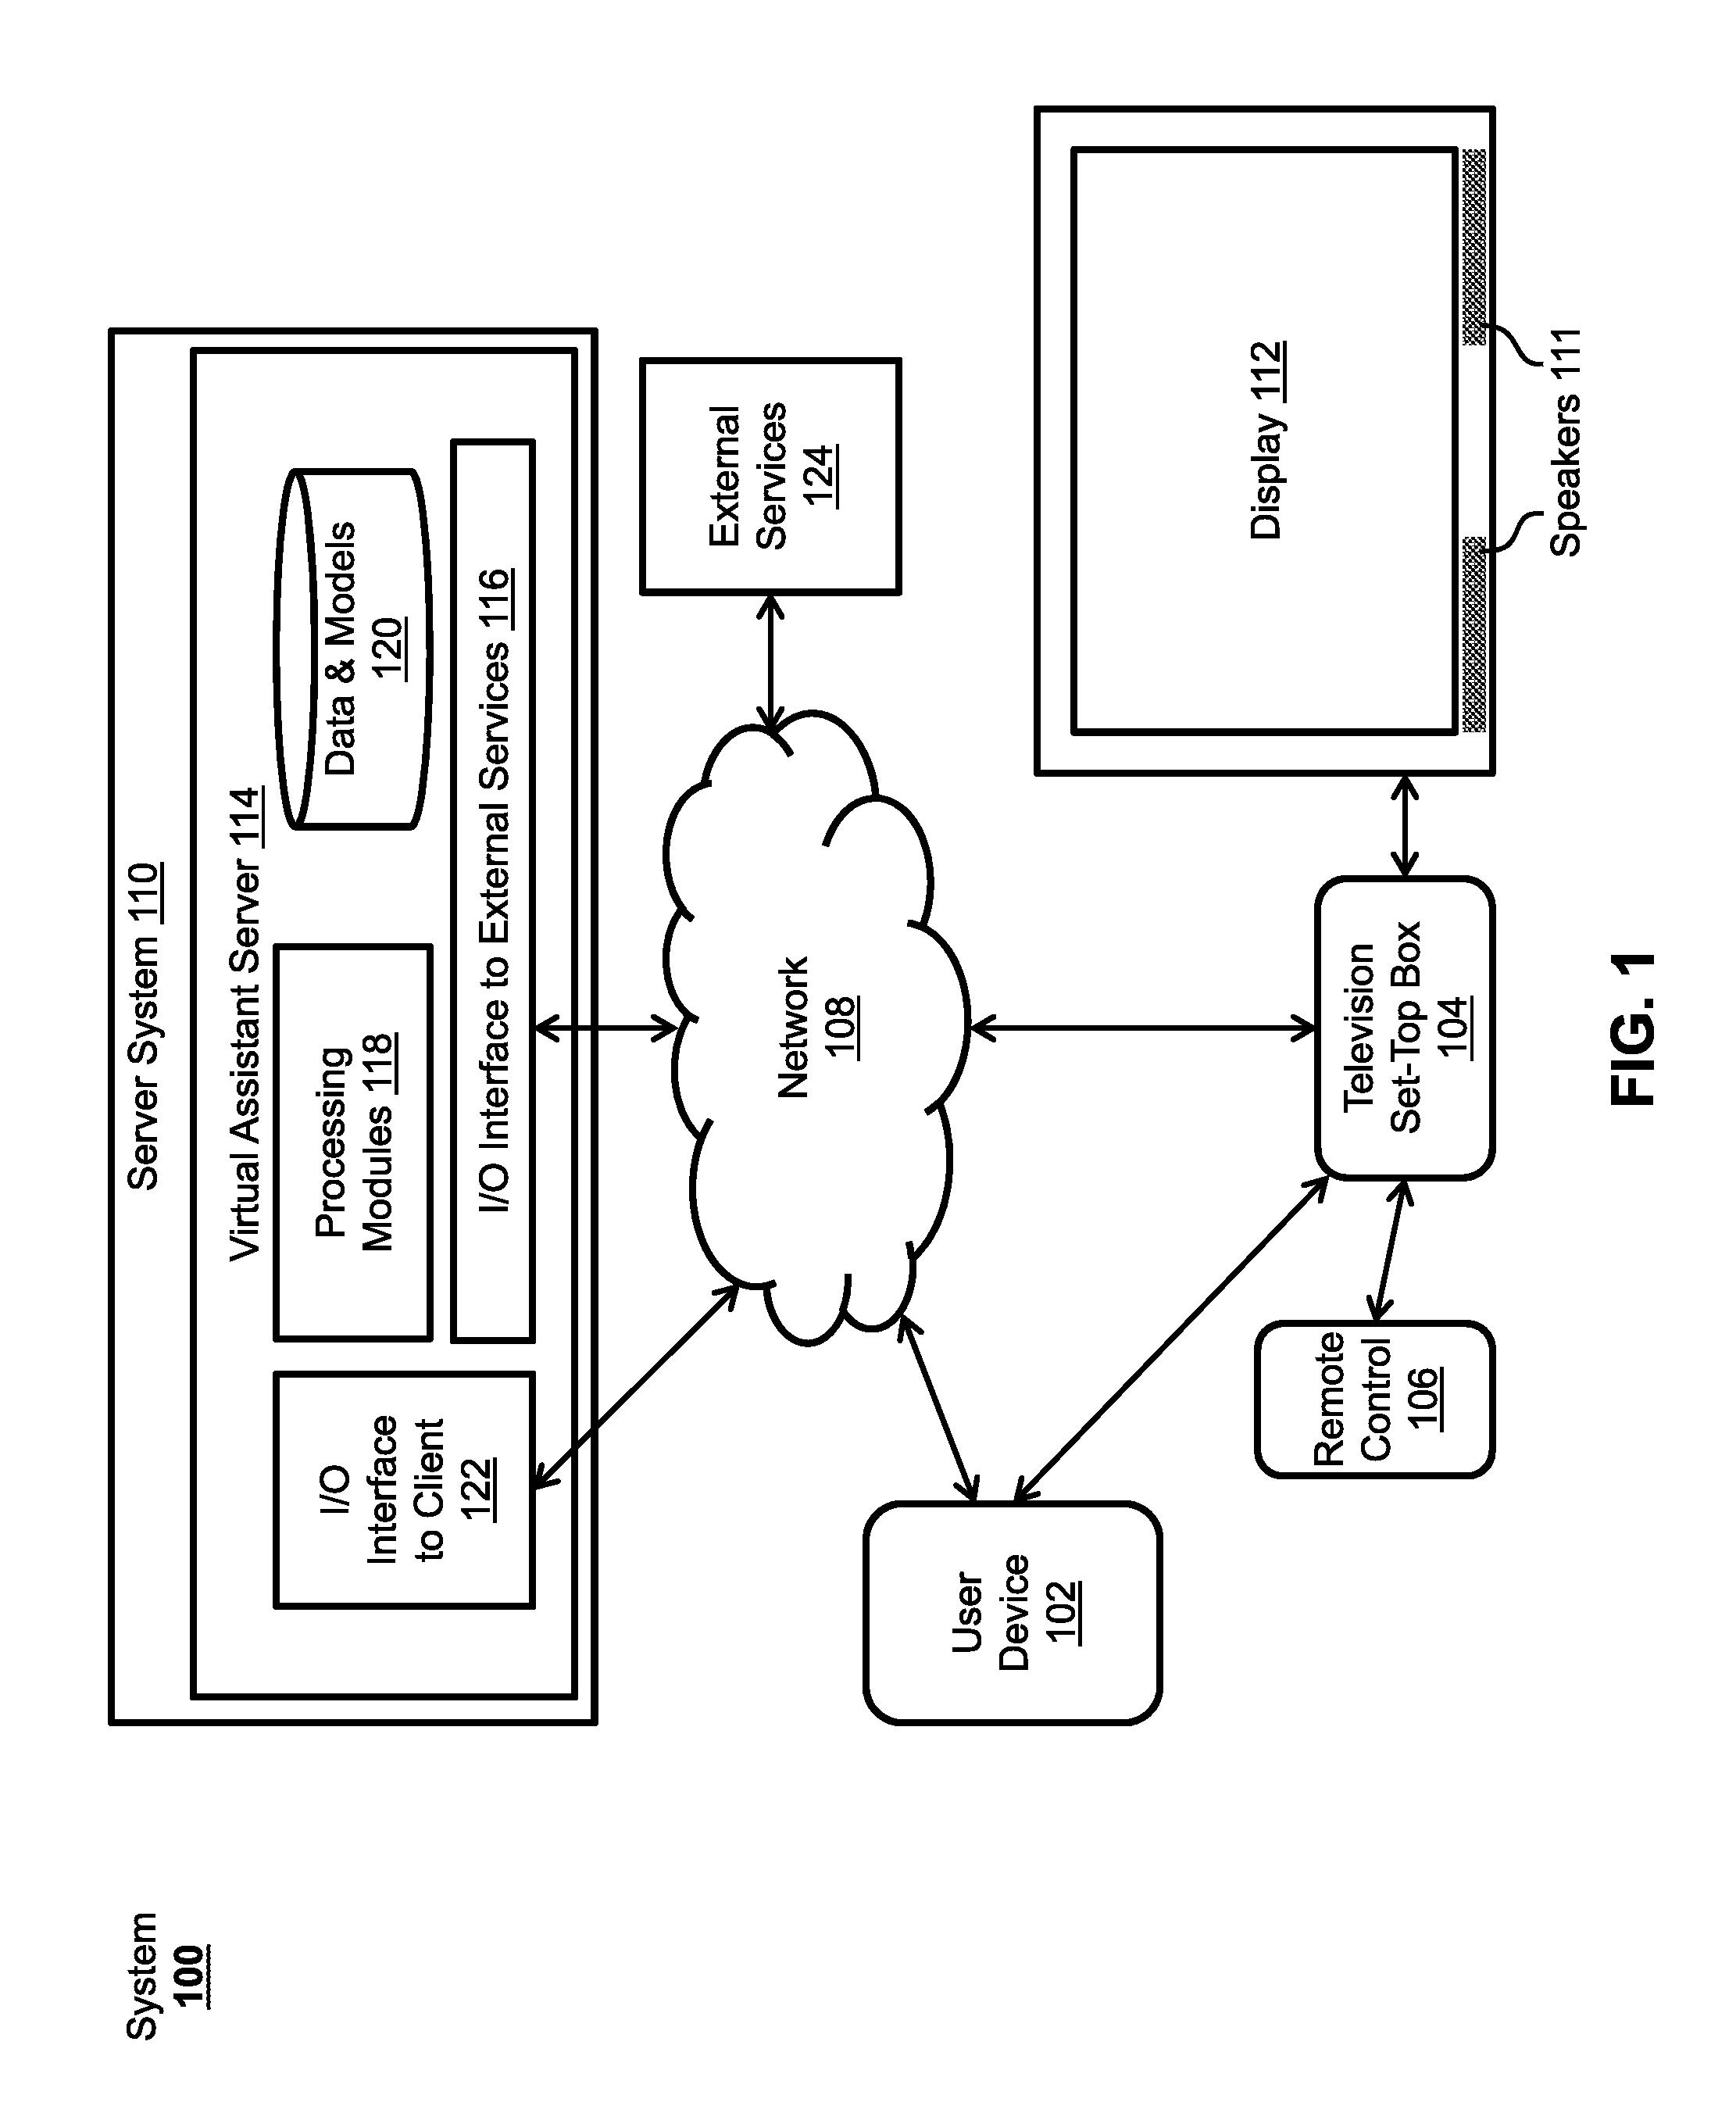 Patent Us 9338493 B2 Hyundai Videoke Remote Wiring Diagram Images